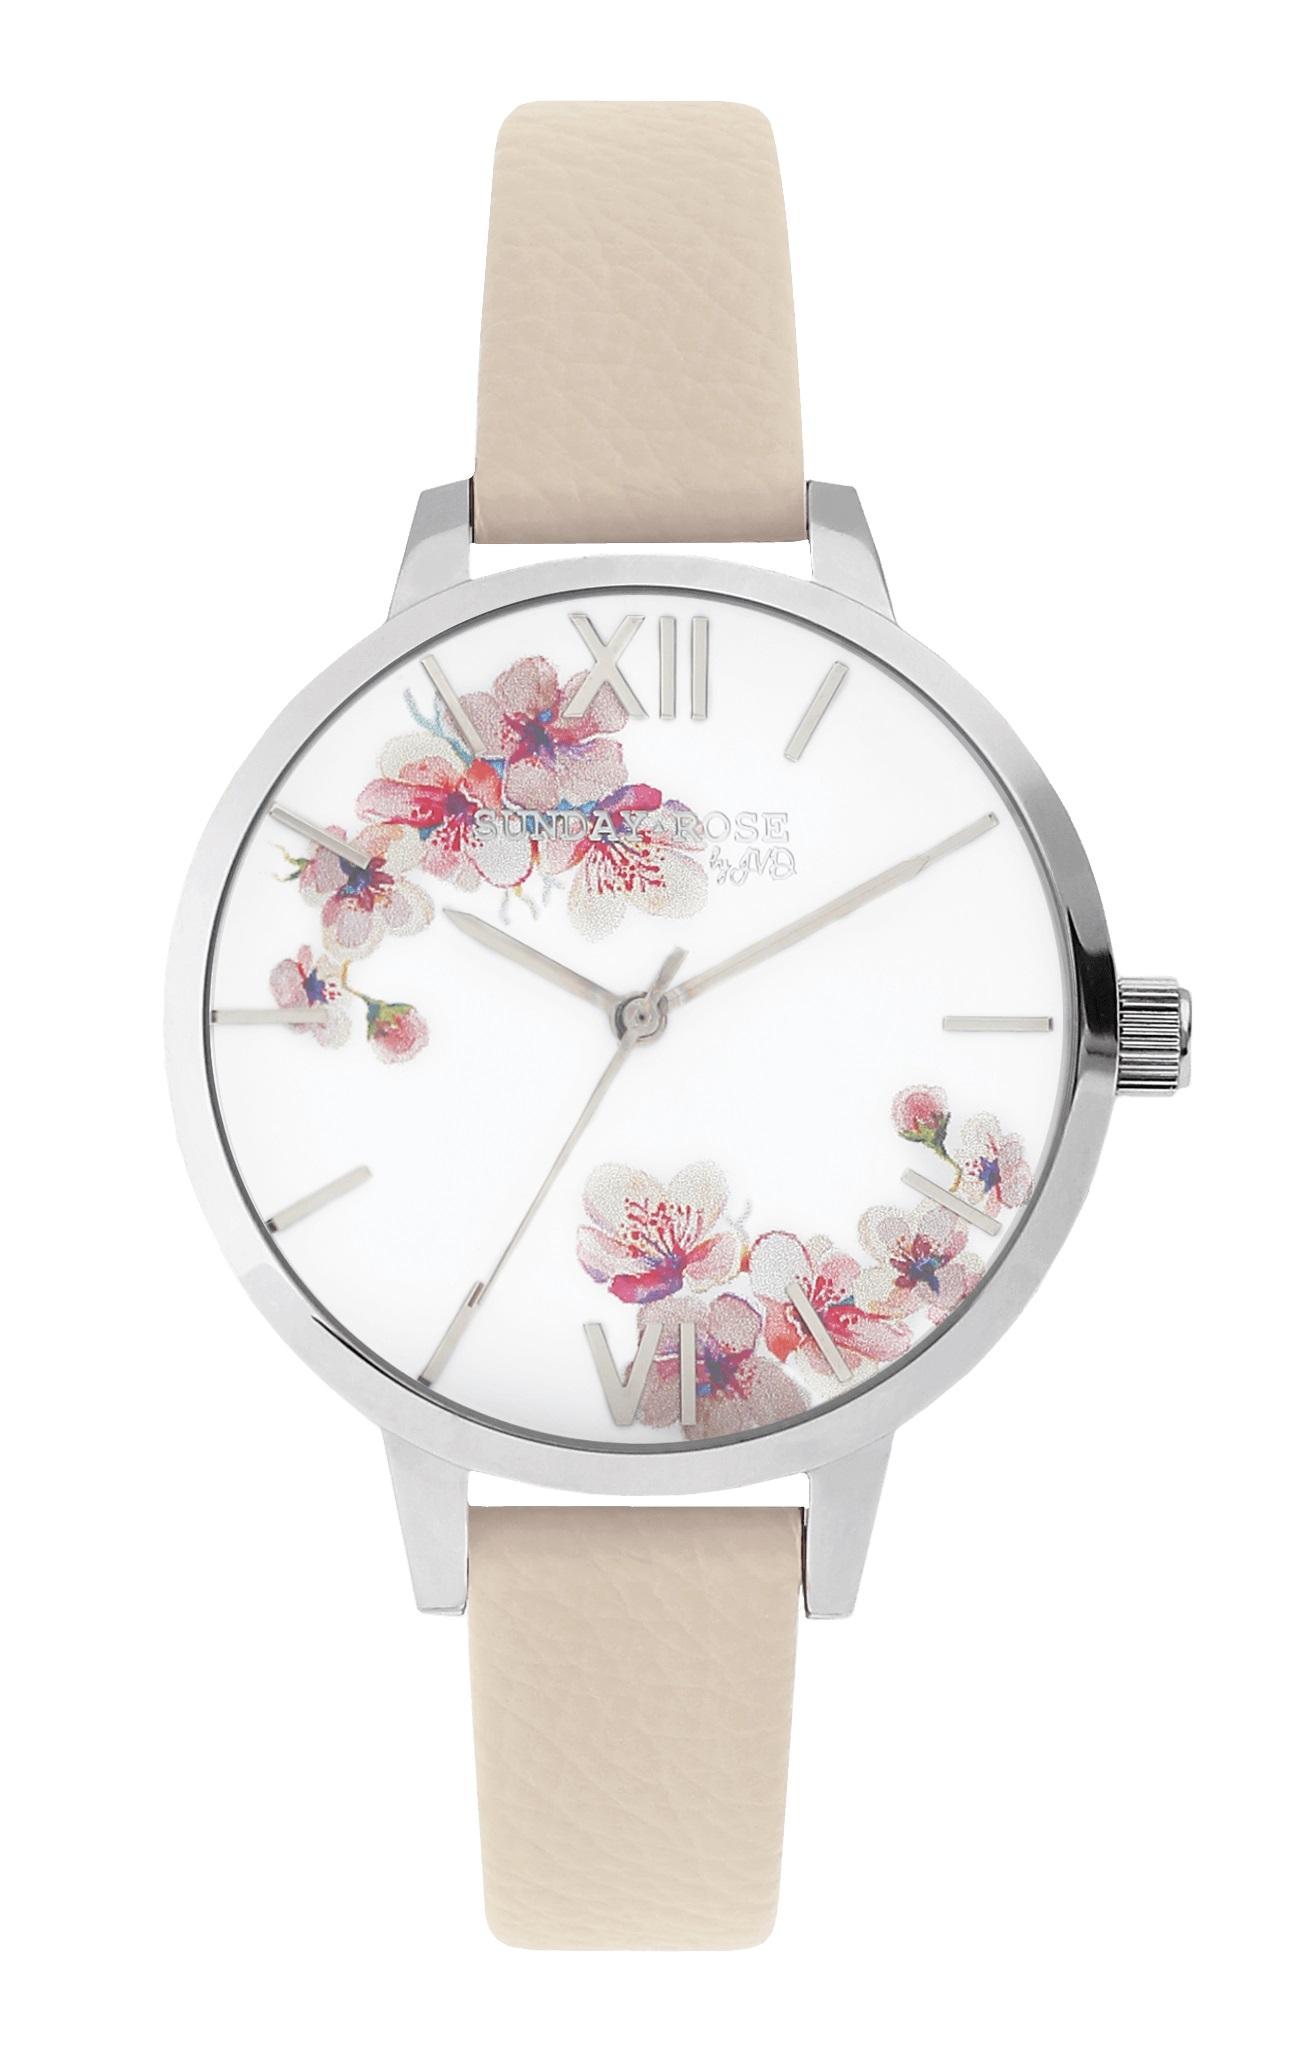 Dámské luxusní designové hodinky SUNDAY ROSE Spirit WATERCOLOR (POŠTOVNÉ ZDARMA!!)